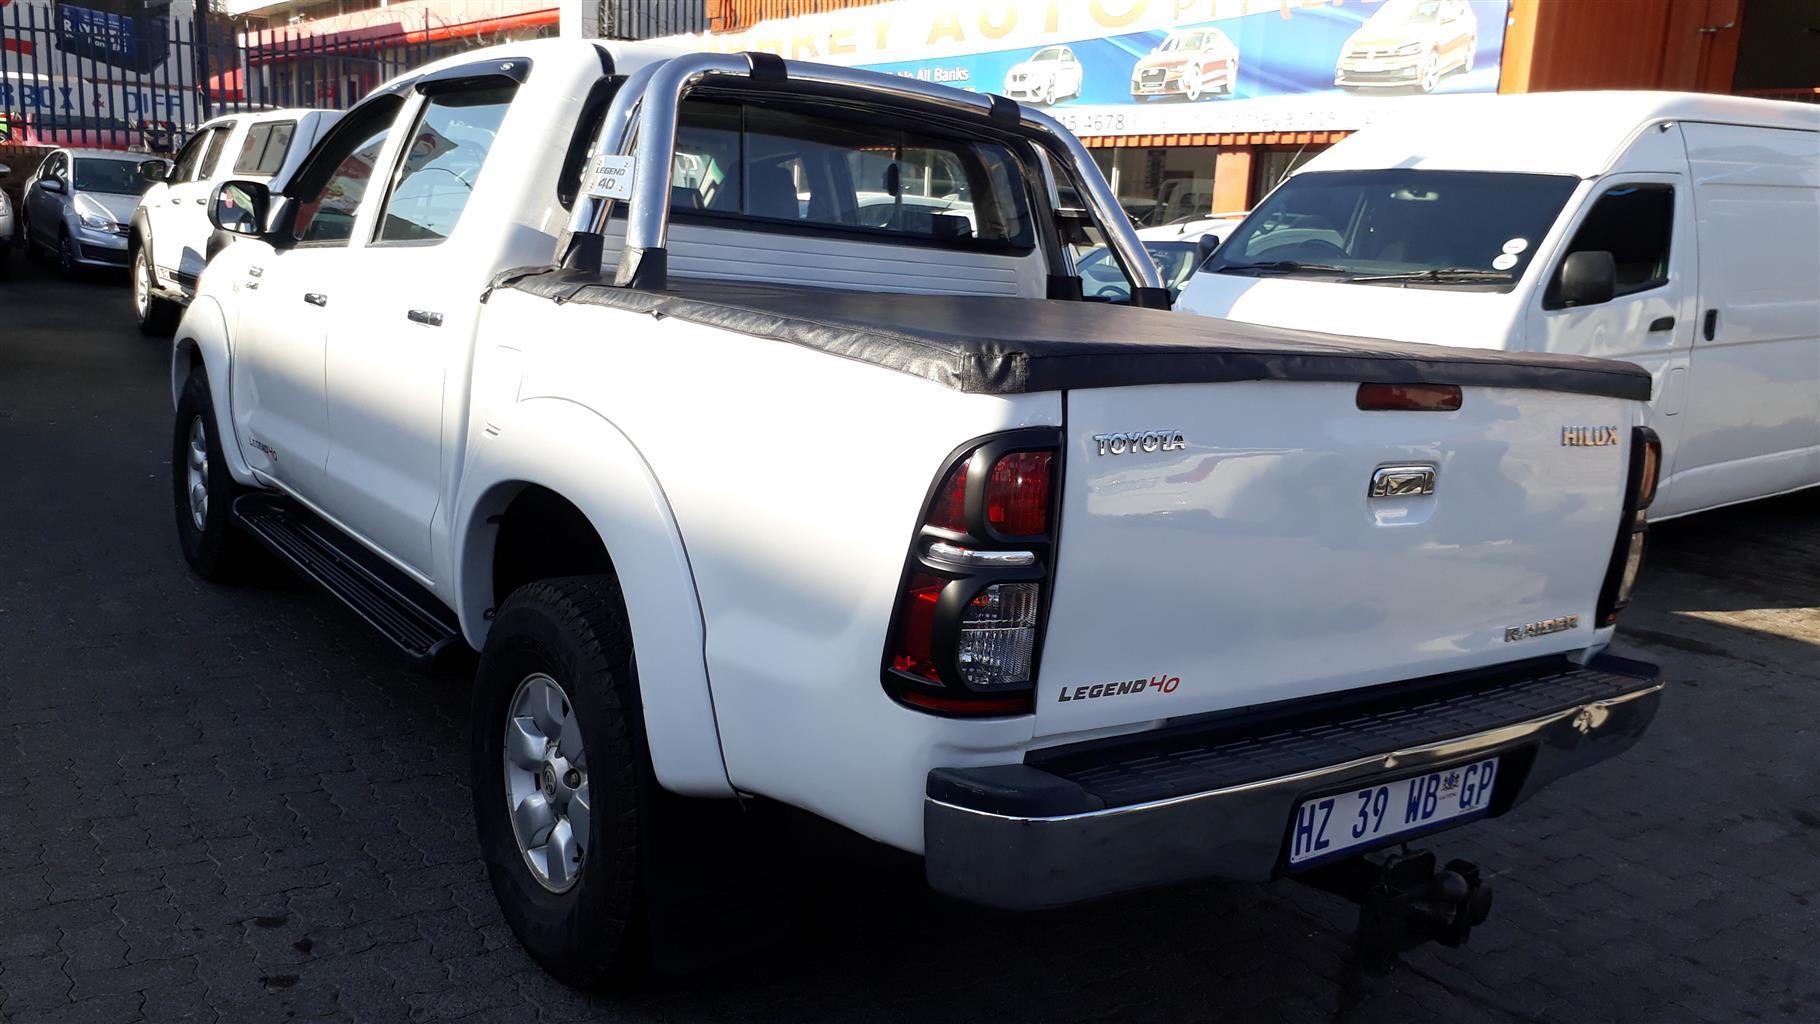 2006 Toyota Hilux 2.7 double cab Raider Legend 40